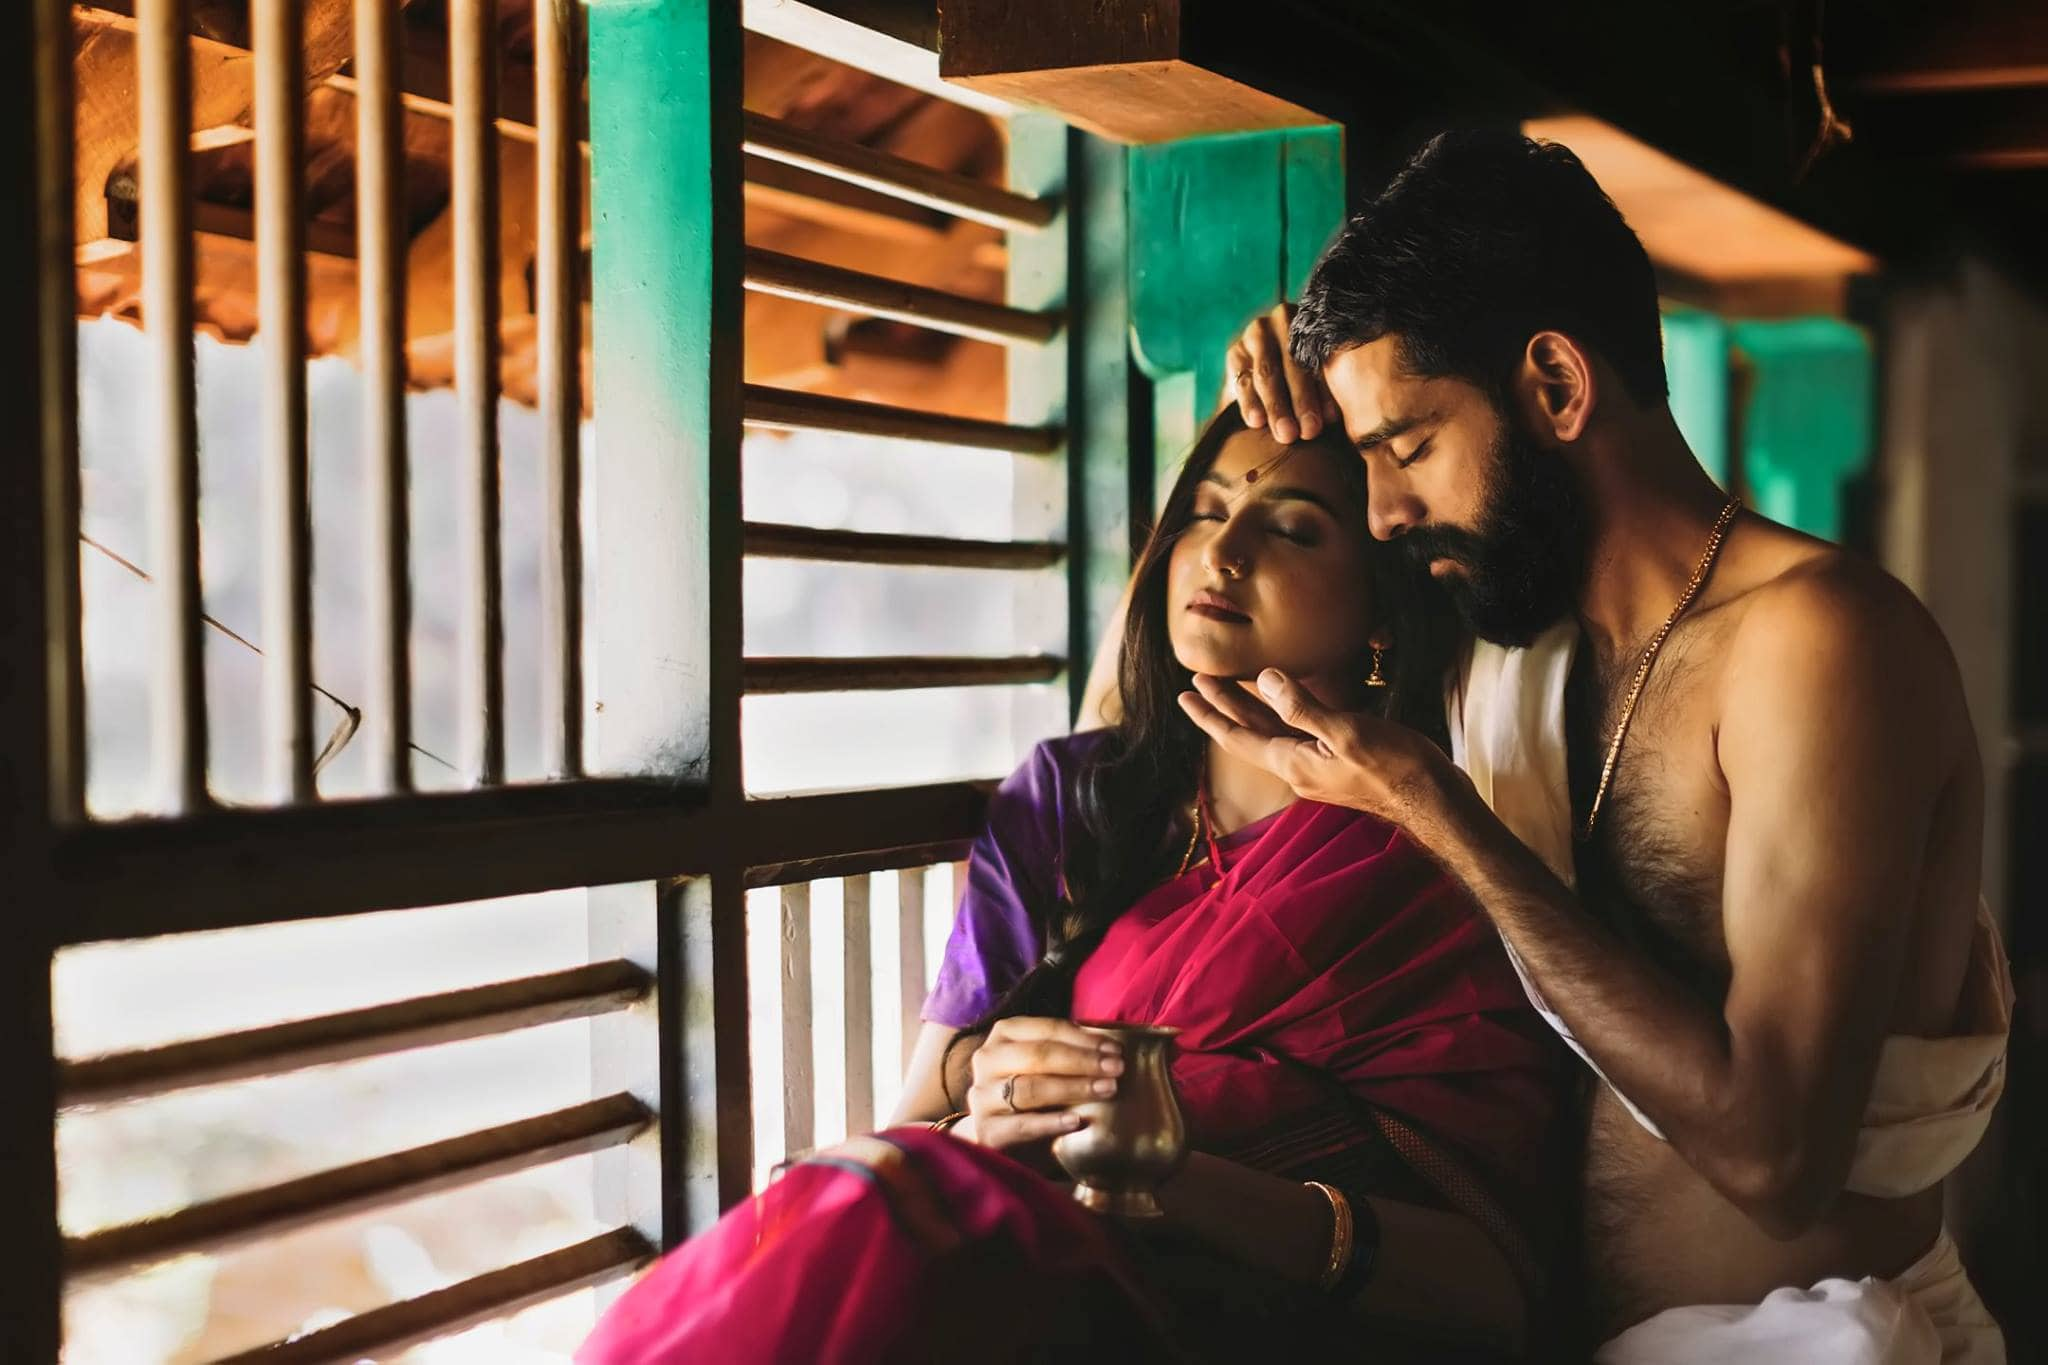 An-Award-winning-photo-story-Avani-By-Arjun-Kamath-28